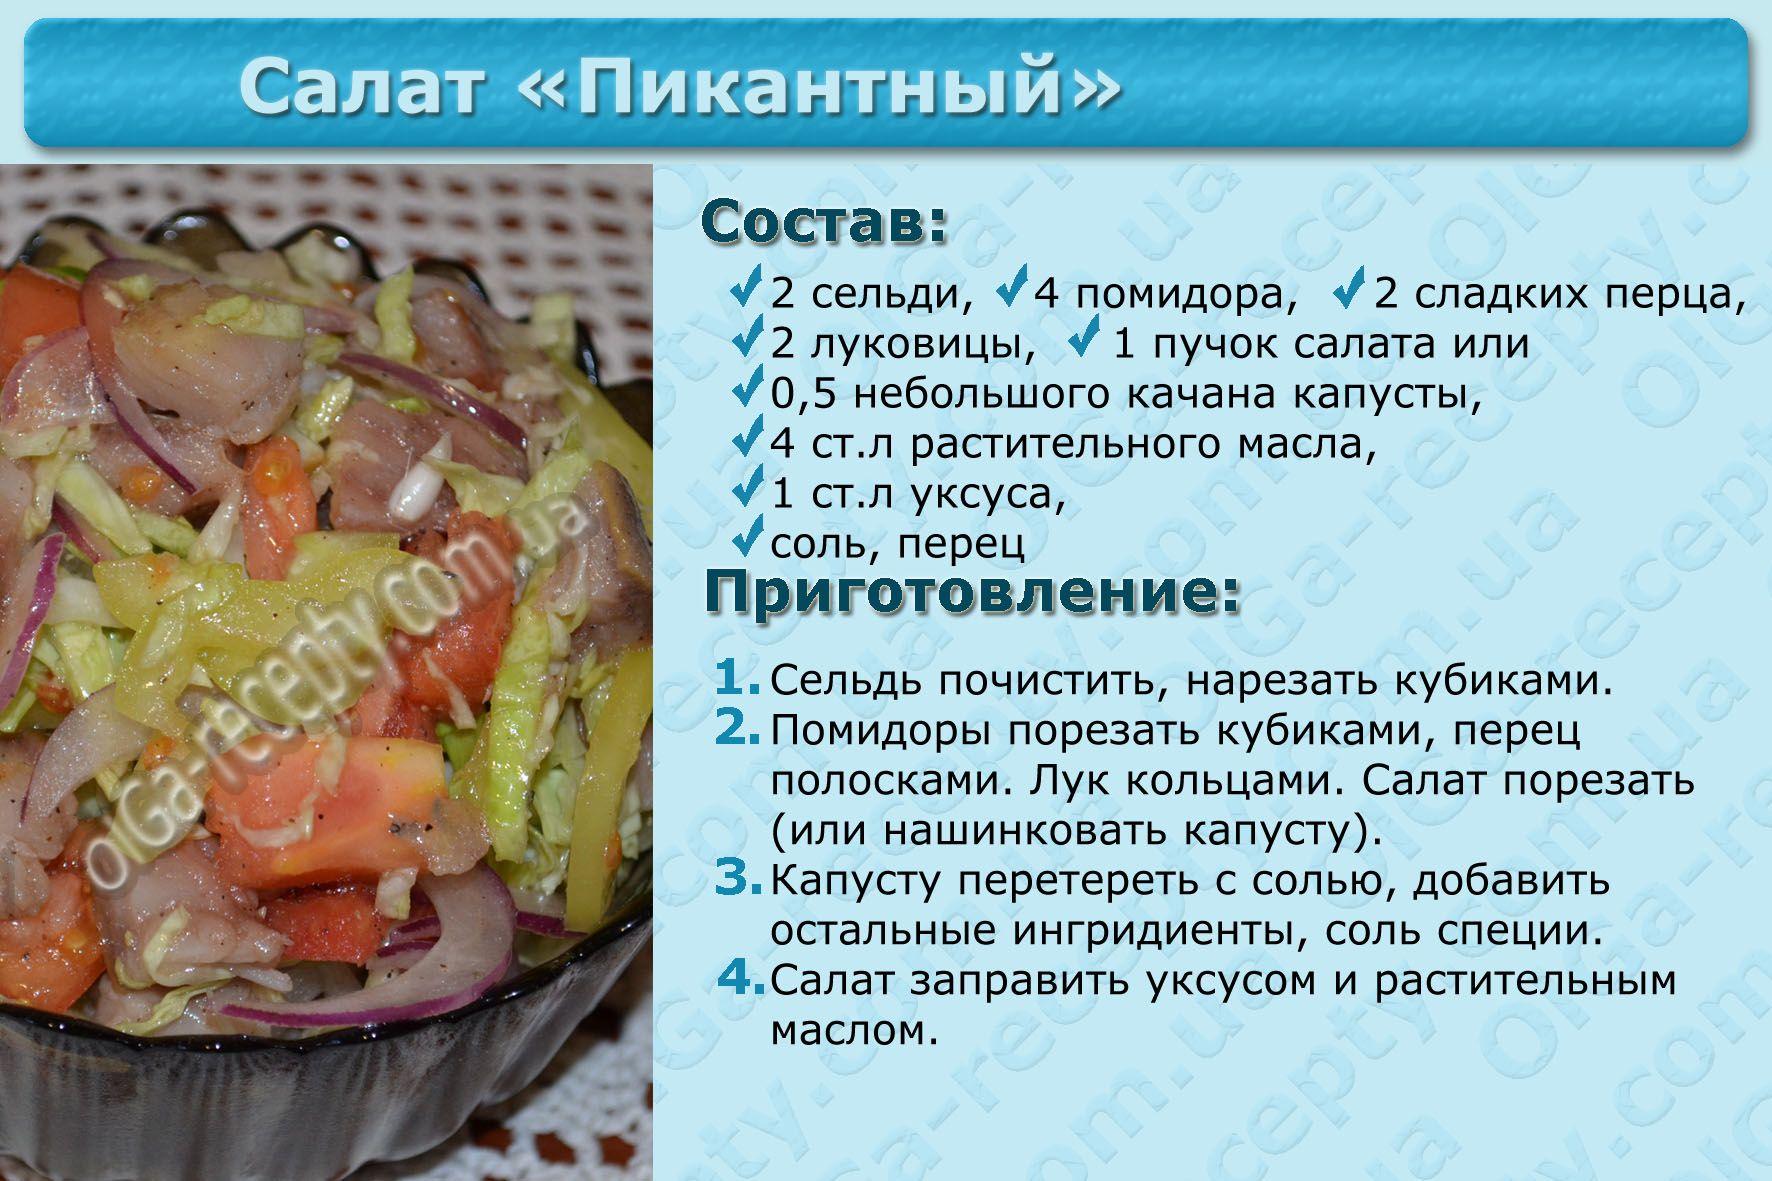 кулинария рецепты с фотографиями салаты один самых